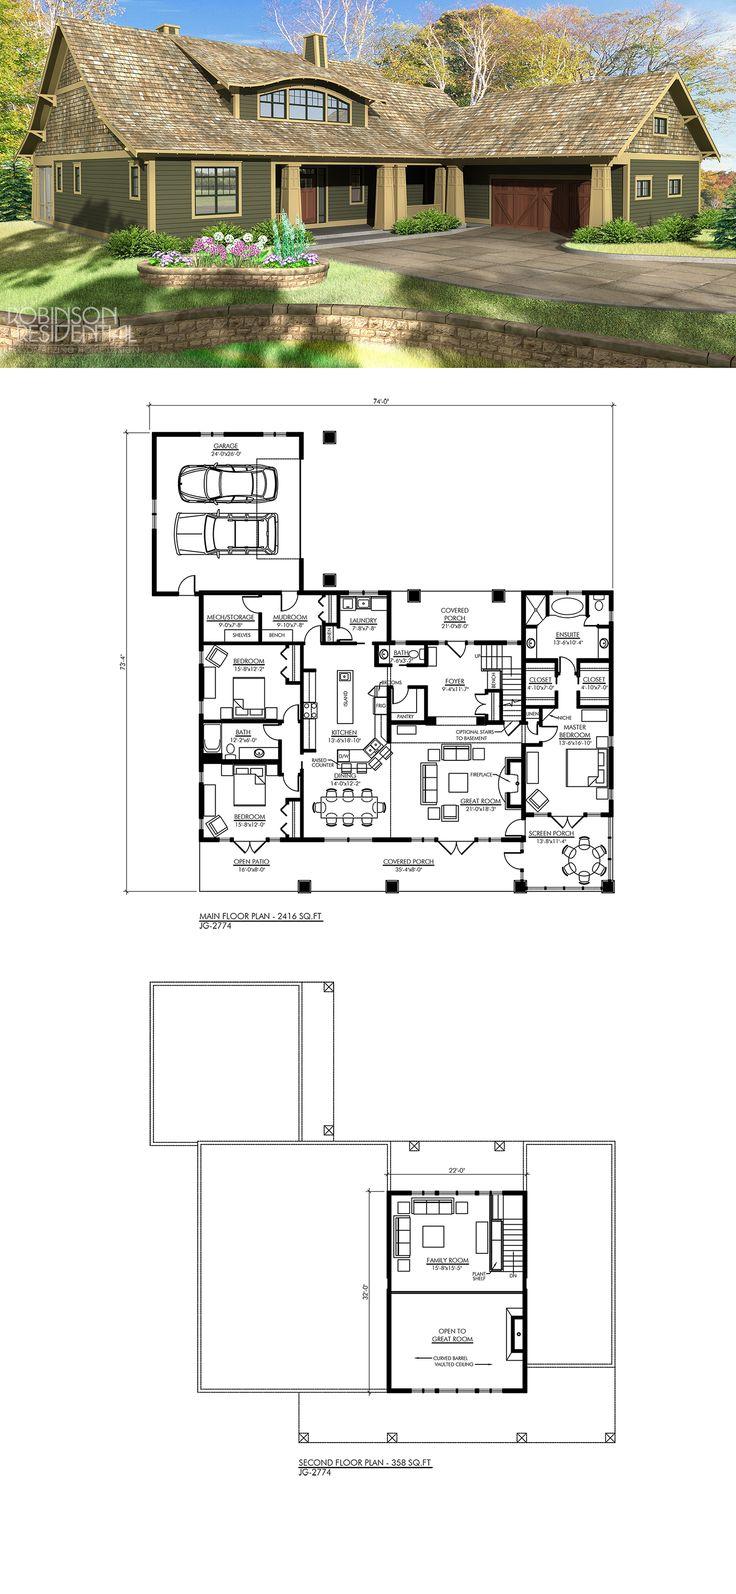 Craftsman JG 2774 Best 51 Craftsman Home Plans